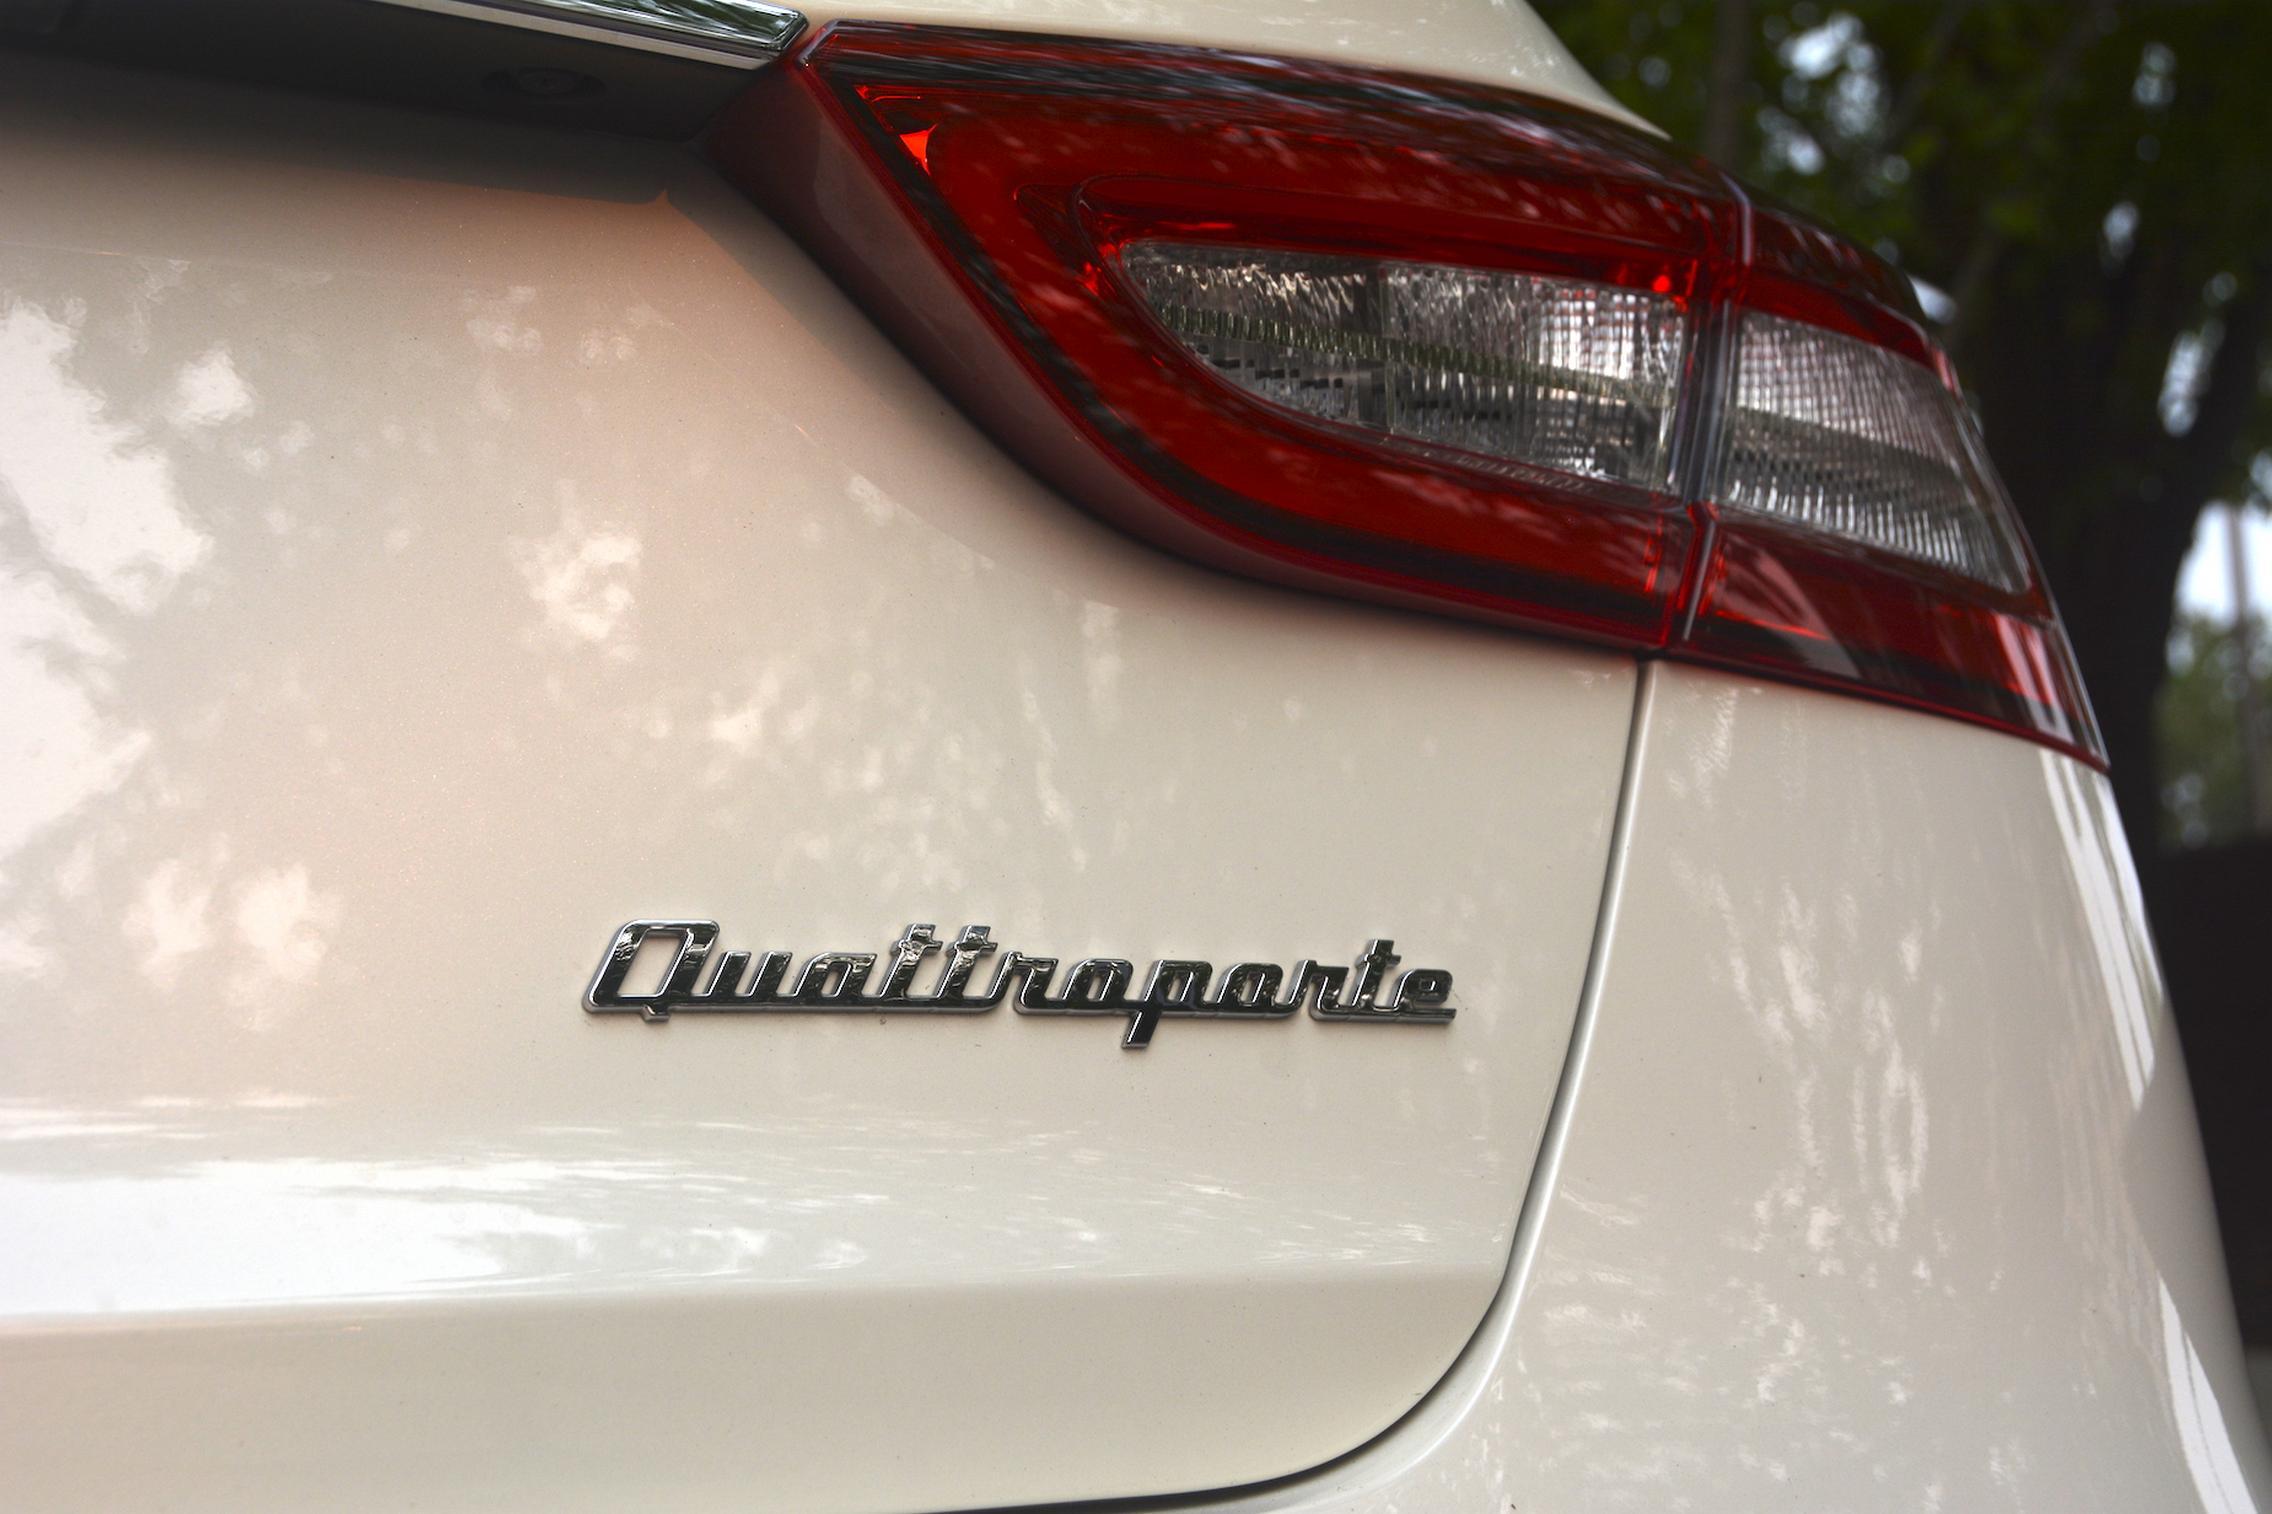 Quattroporte Badge